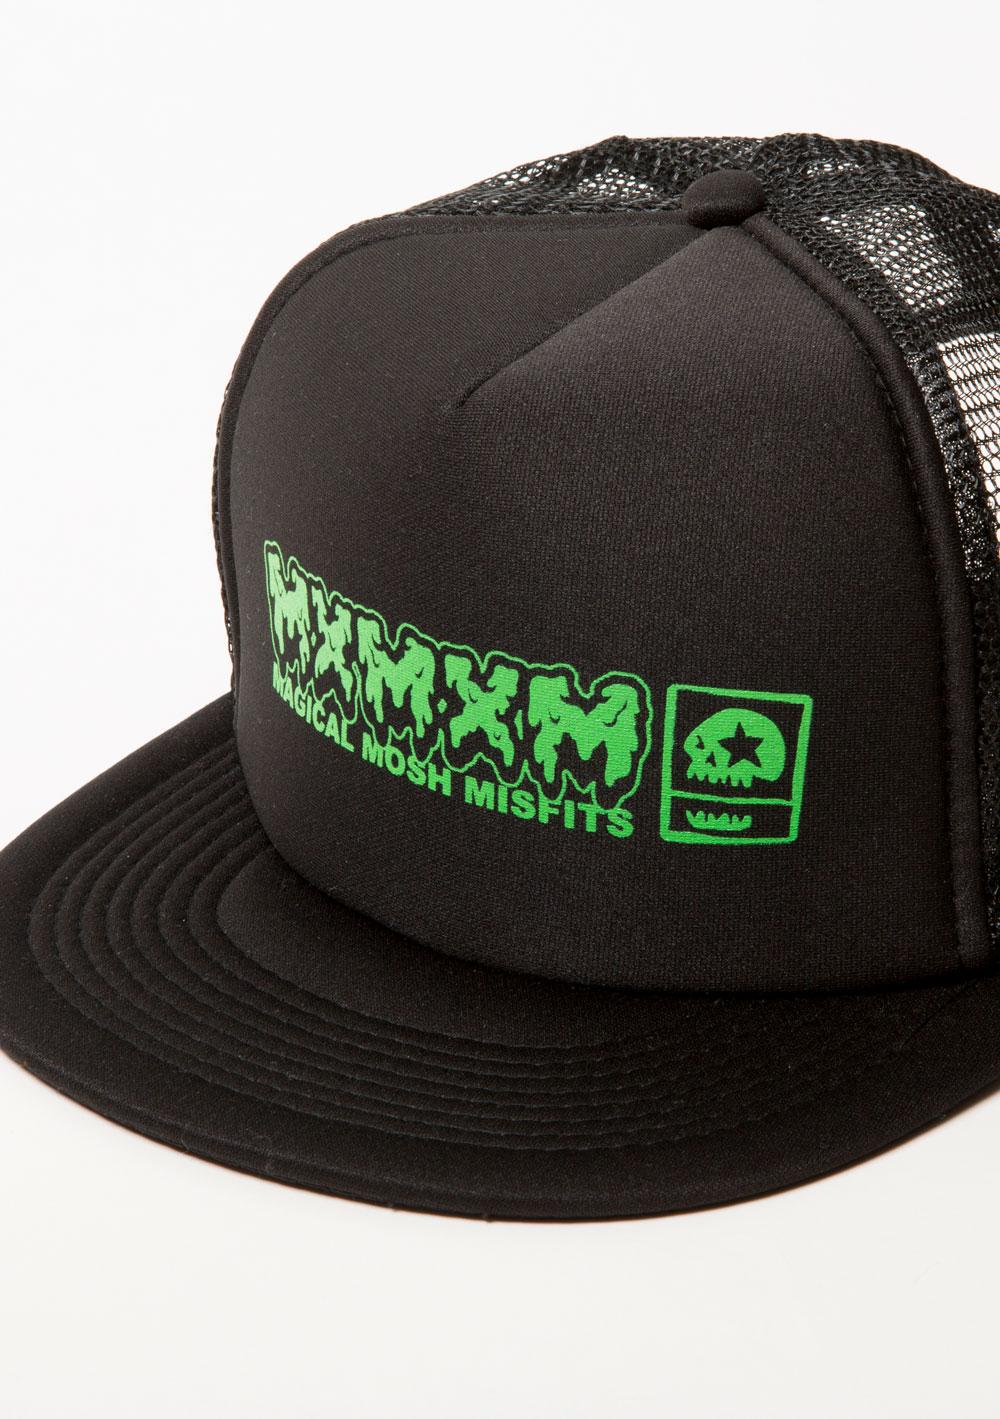 MAGICAL MOSH MISFITS CAP (MESH CAP)